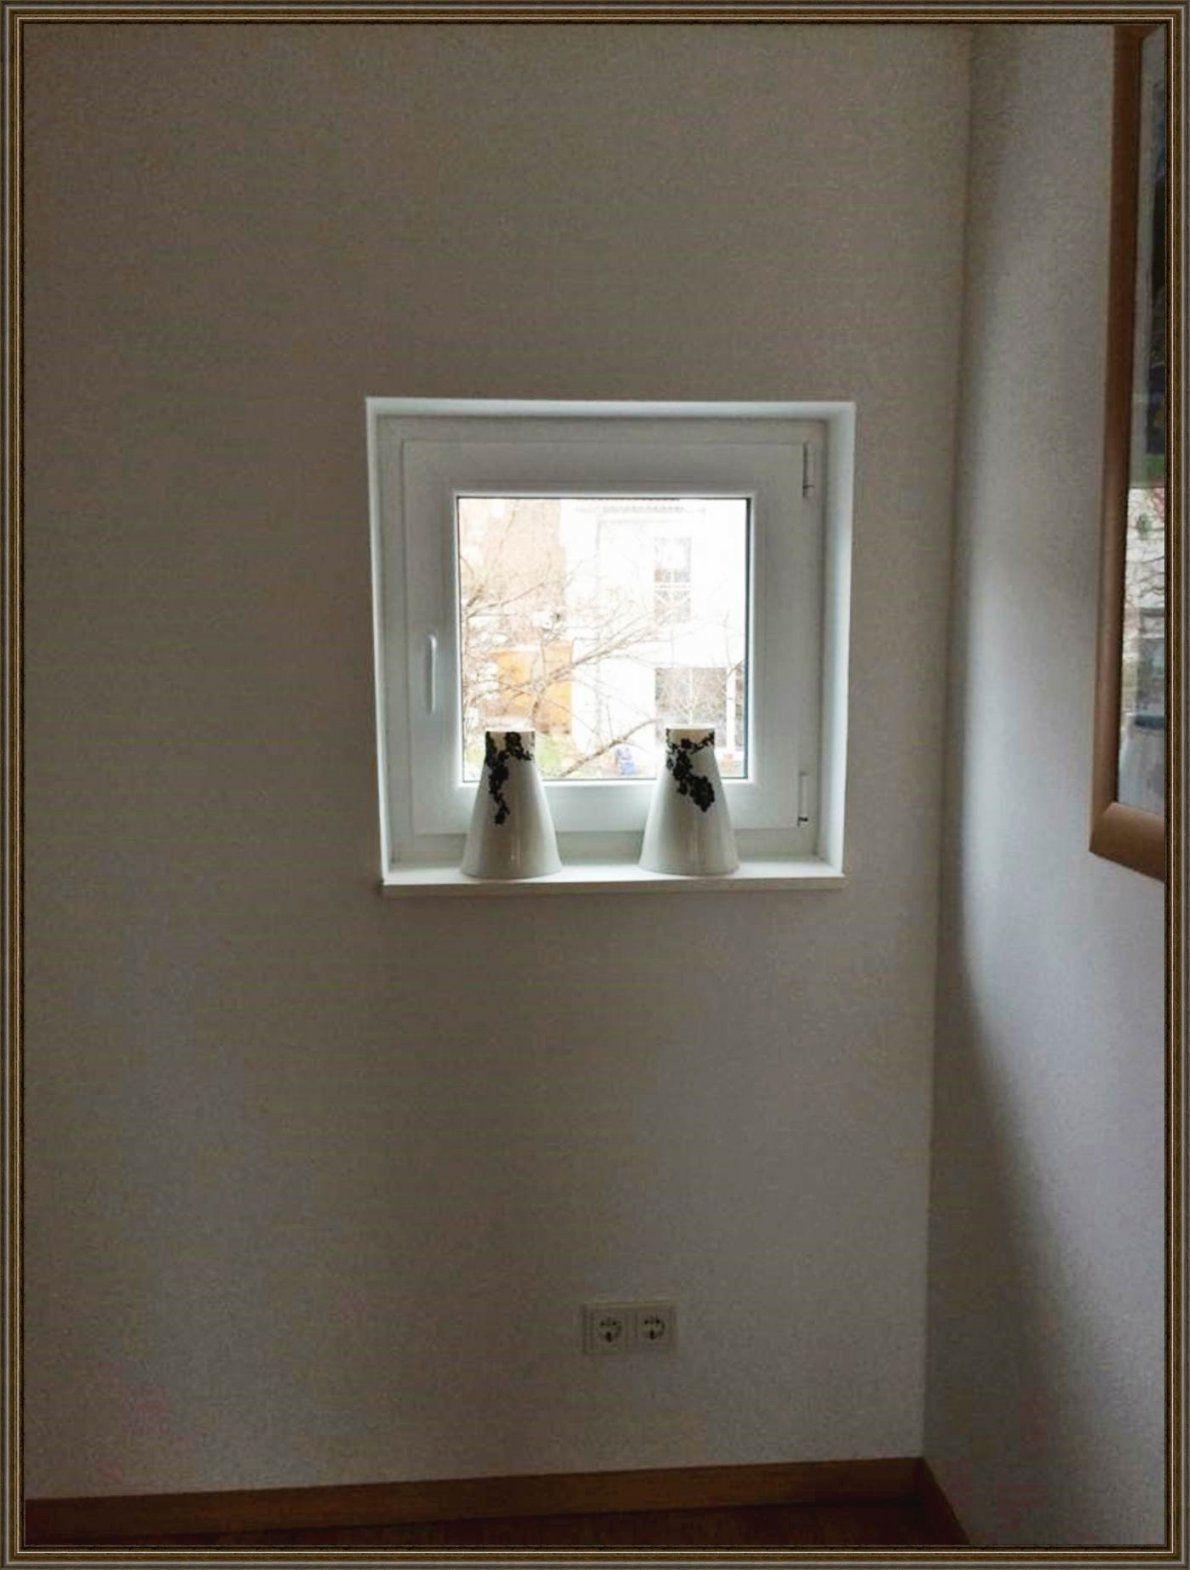 Gardinen Neueste Gardinen Ideen Für Kleine Fenster Kleine Fenster von Gardinen Ideen Für Kleine Fenster Bild